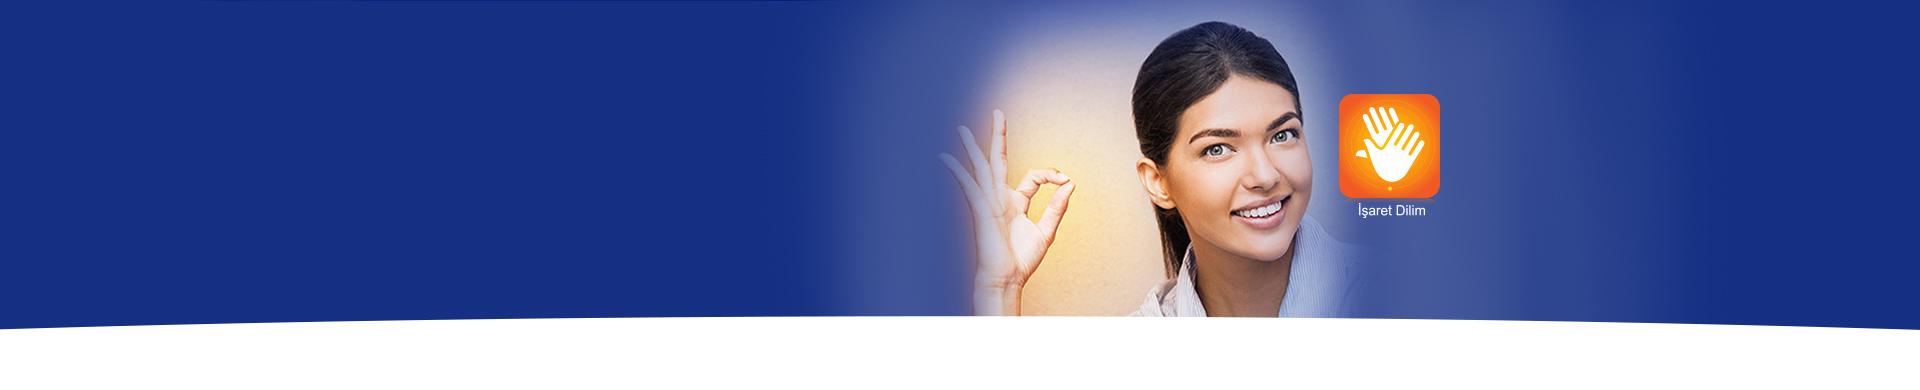 İşaret Dilim ile İletişime Engel Yok